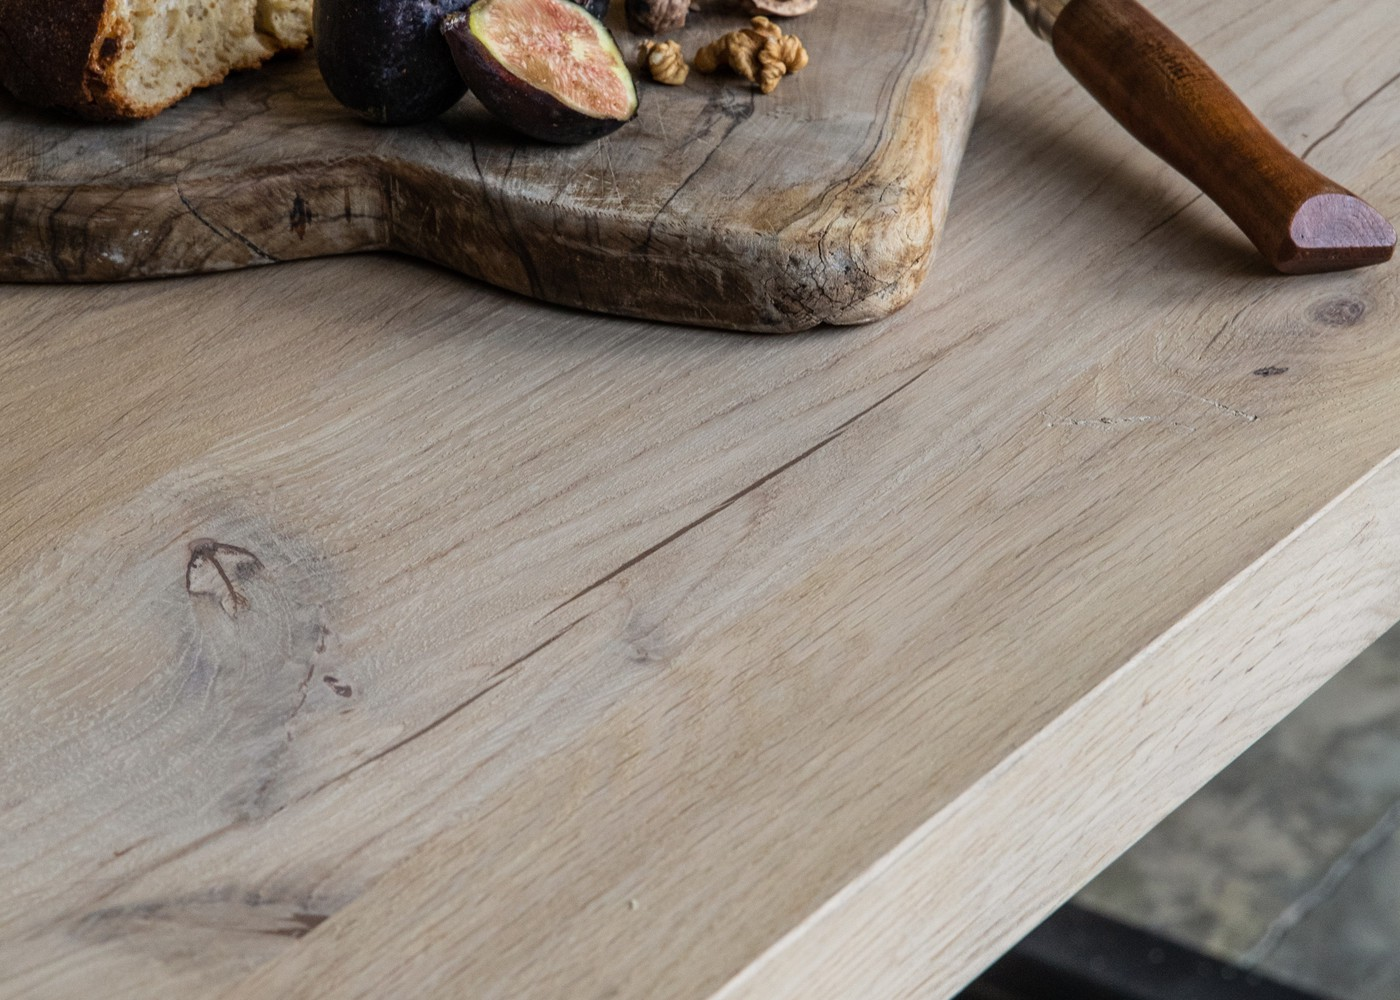 Plateau de table PORTLAND à chants droits - fabrication à partir de chêne avec noeuds - finition brut - collage de 100 à 200mm - (présence de nœuds, gerces et autres singularités du bois) - PEFC